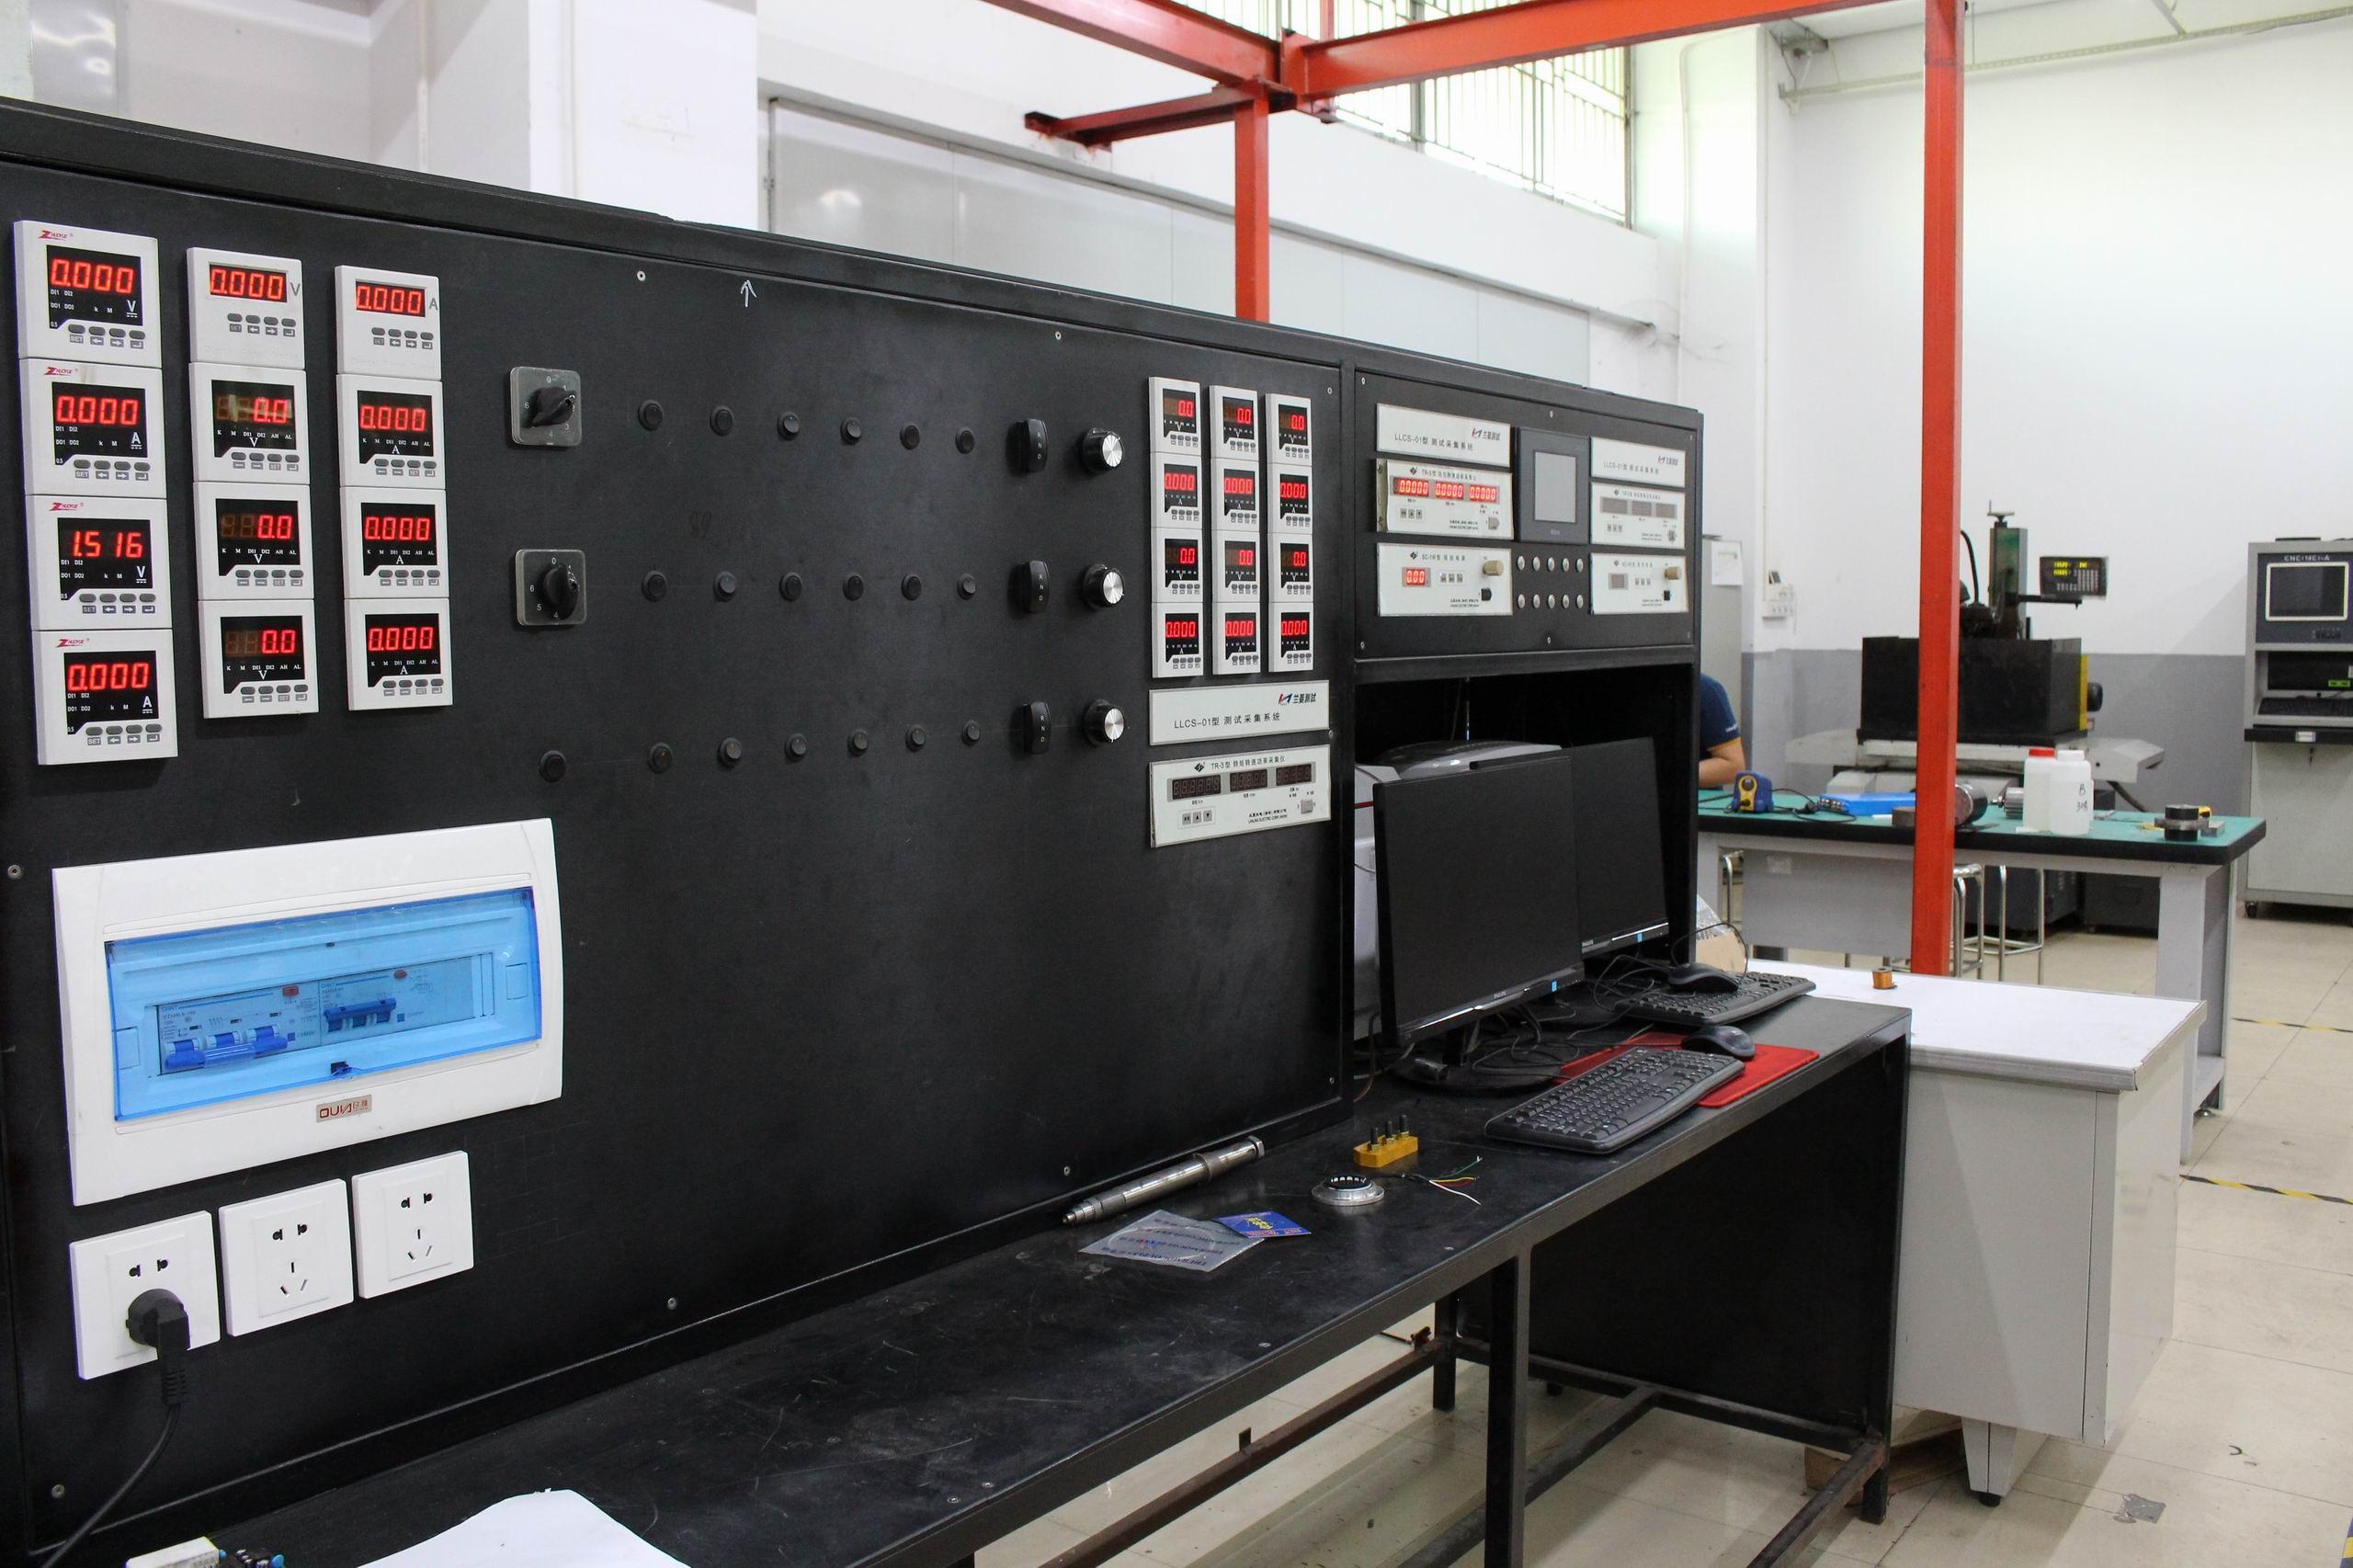 工厂展示 - 工厂展示 - 新能源汽车电力电机,汽车电控